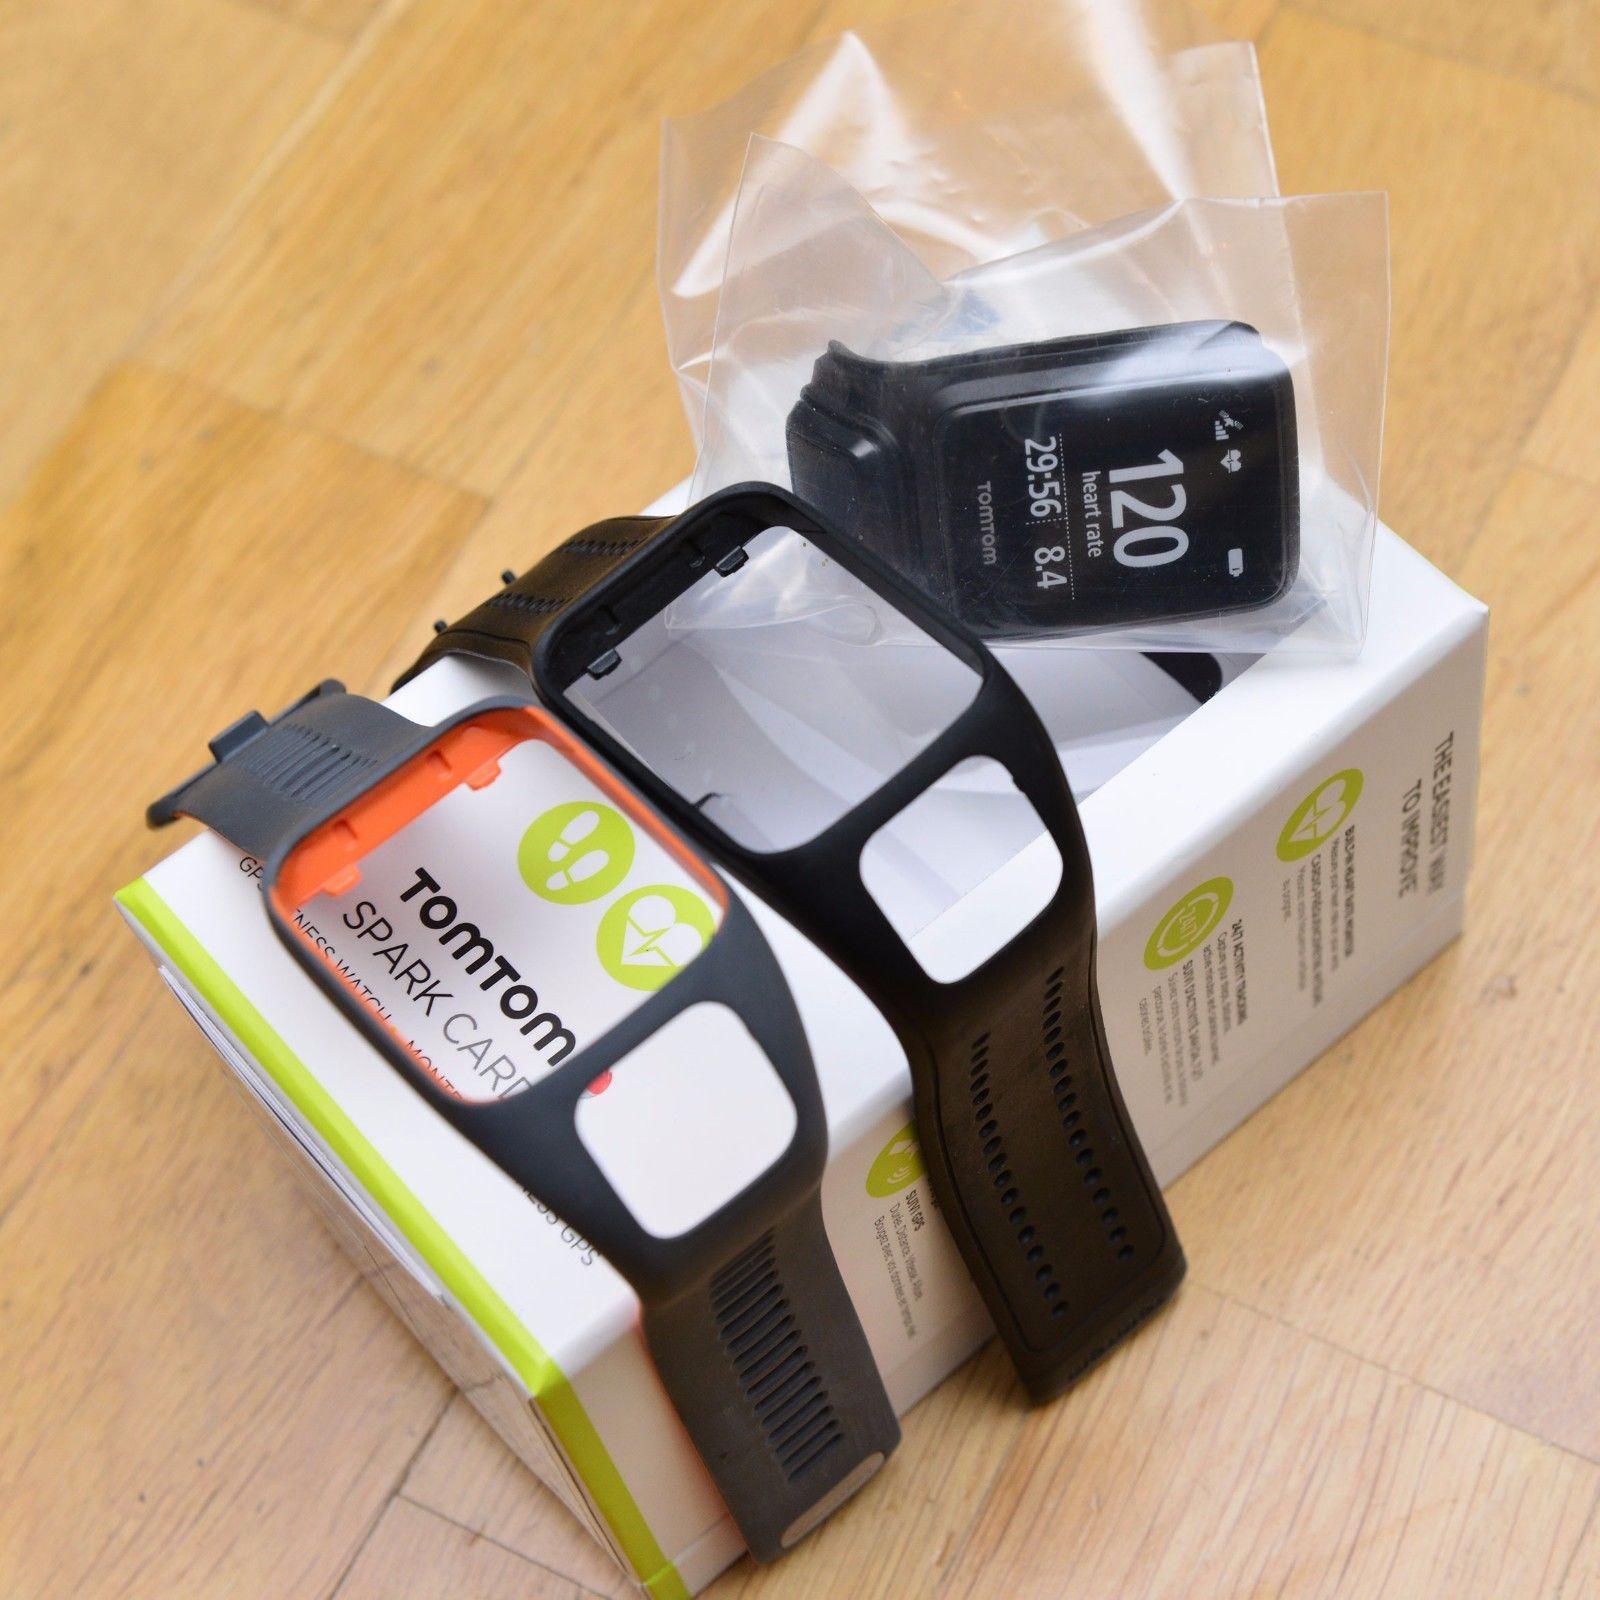 TomTom Spark Cardio GPS Fitness Watch